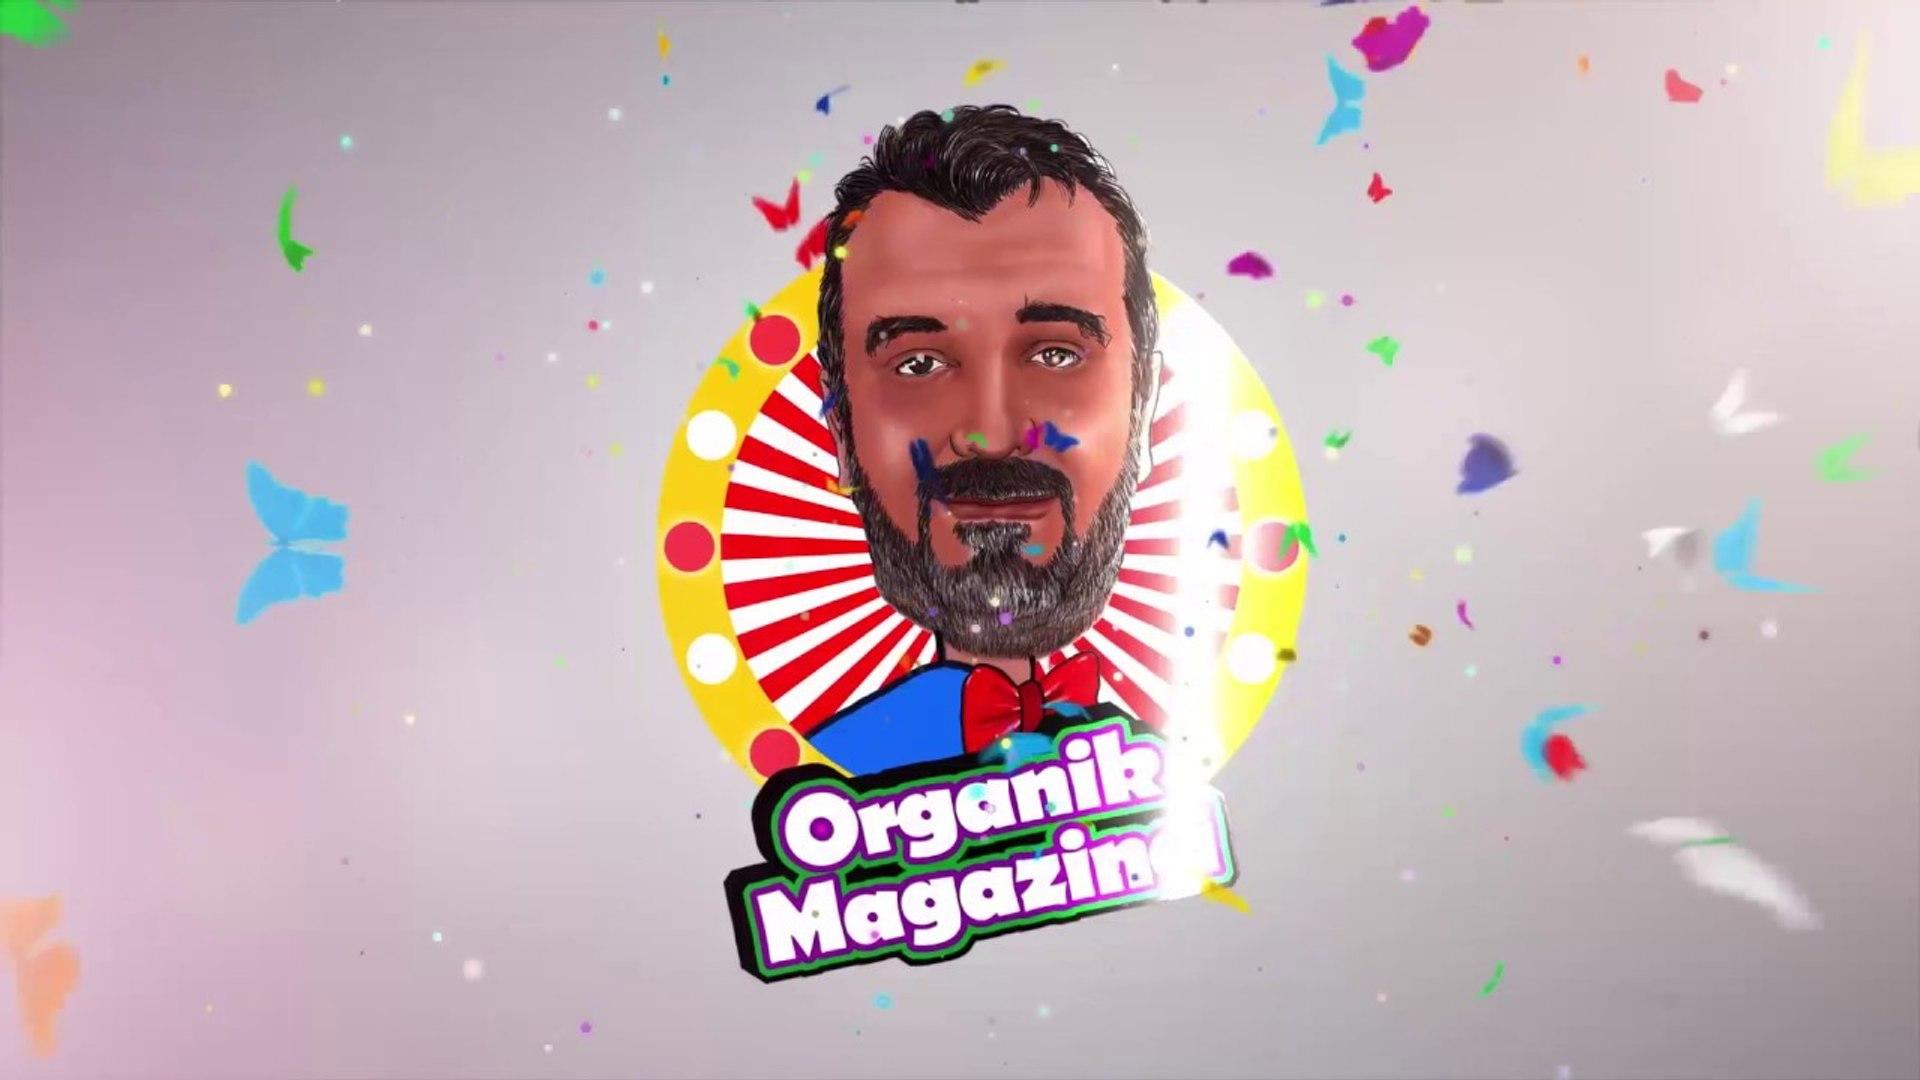 Organik Magazinci 3. Bölüm - Serenay SARIKAYA, Meryem UZERLİ, Cem YILMAZ, Tolga KARAYEL, Aslı ENVER